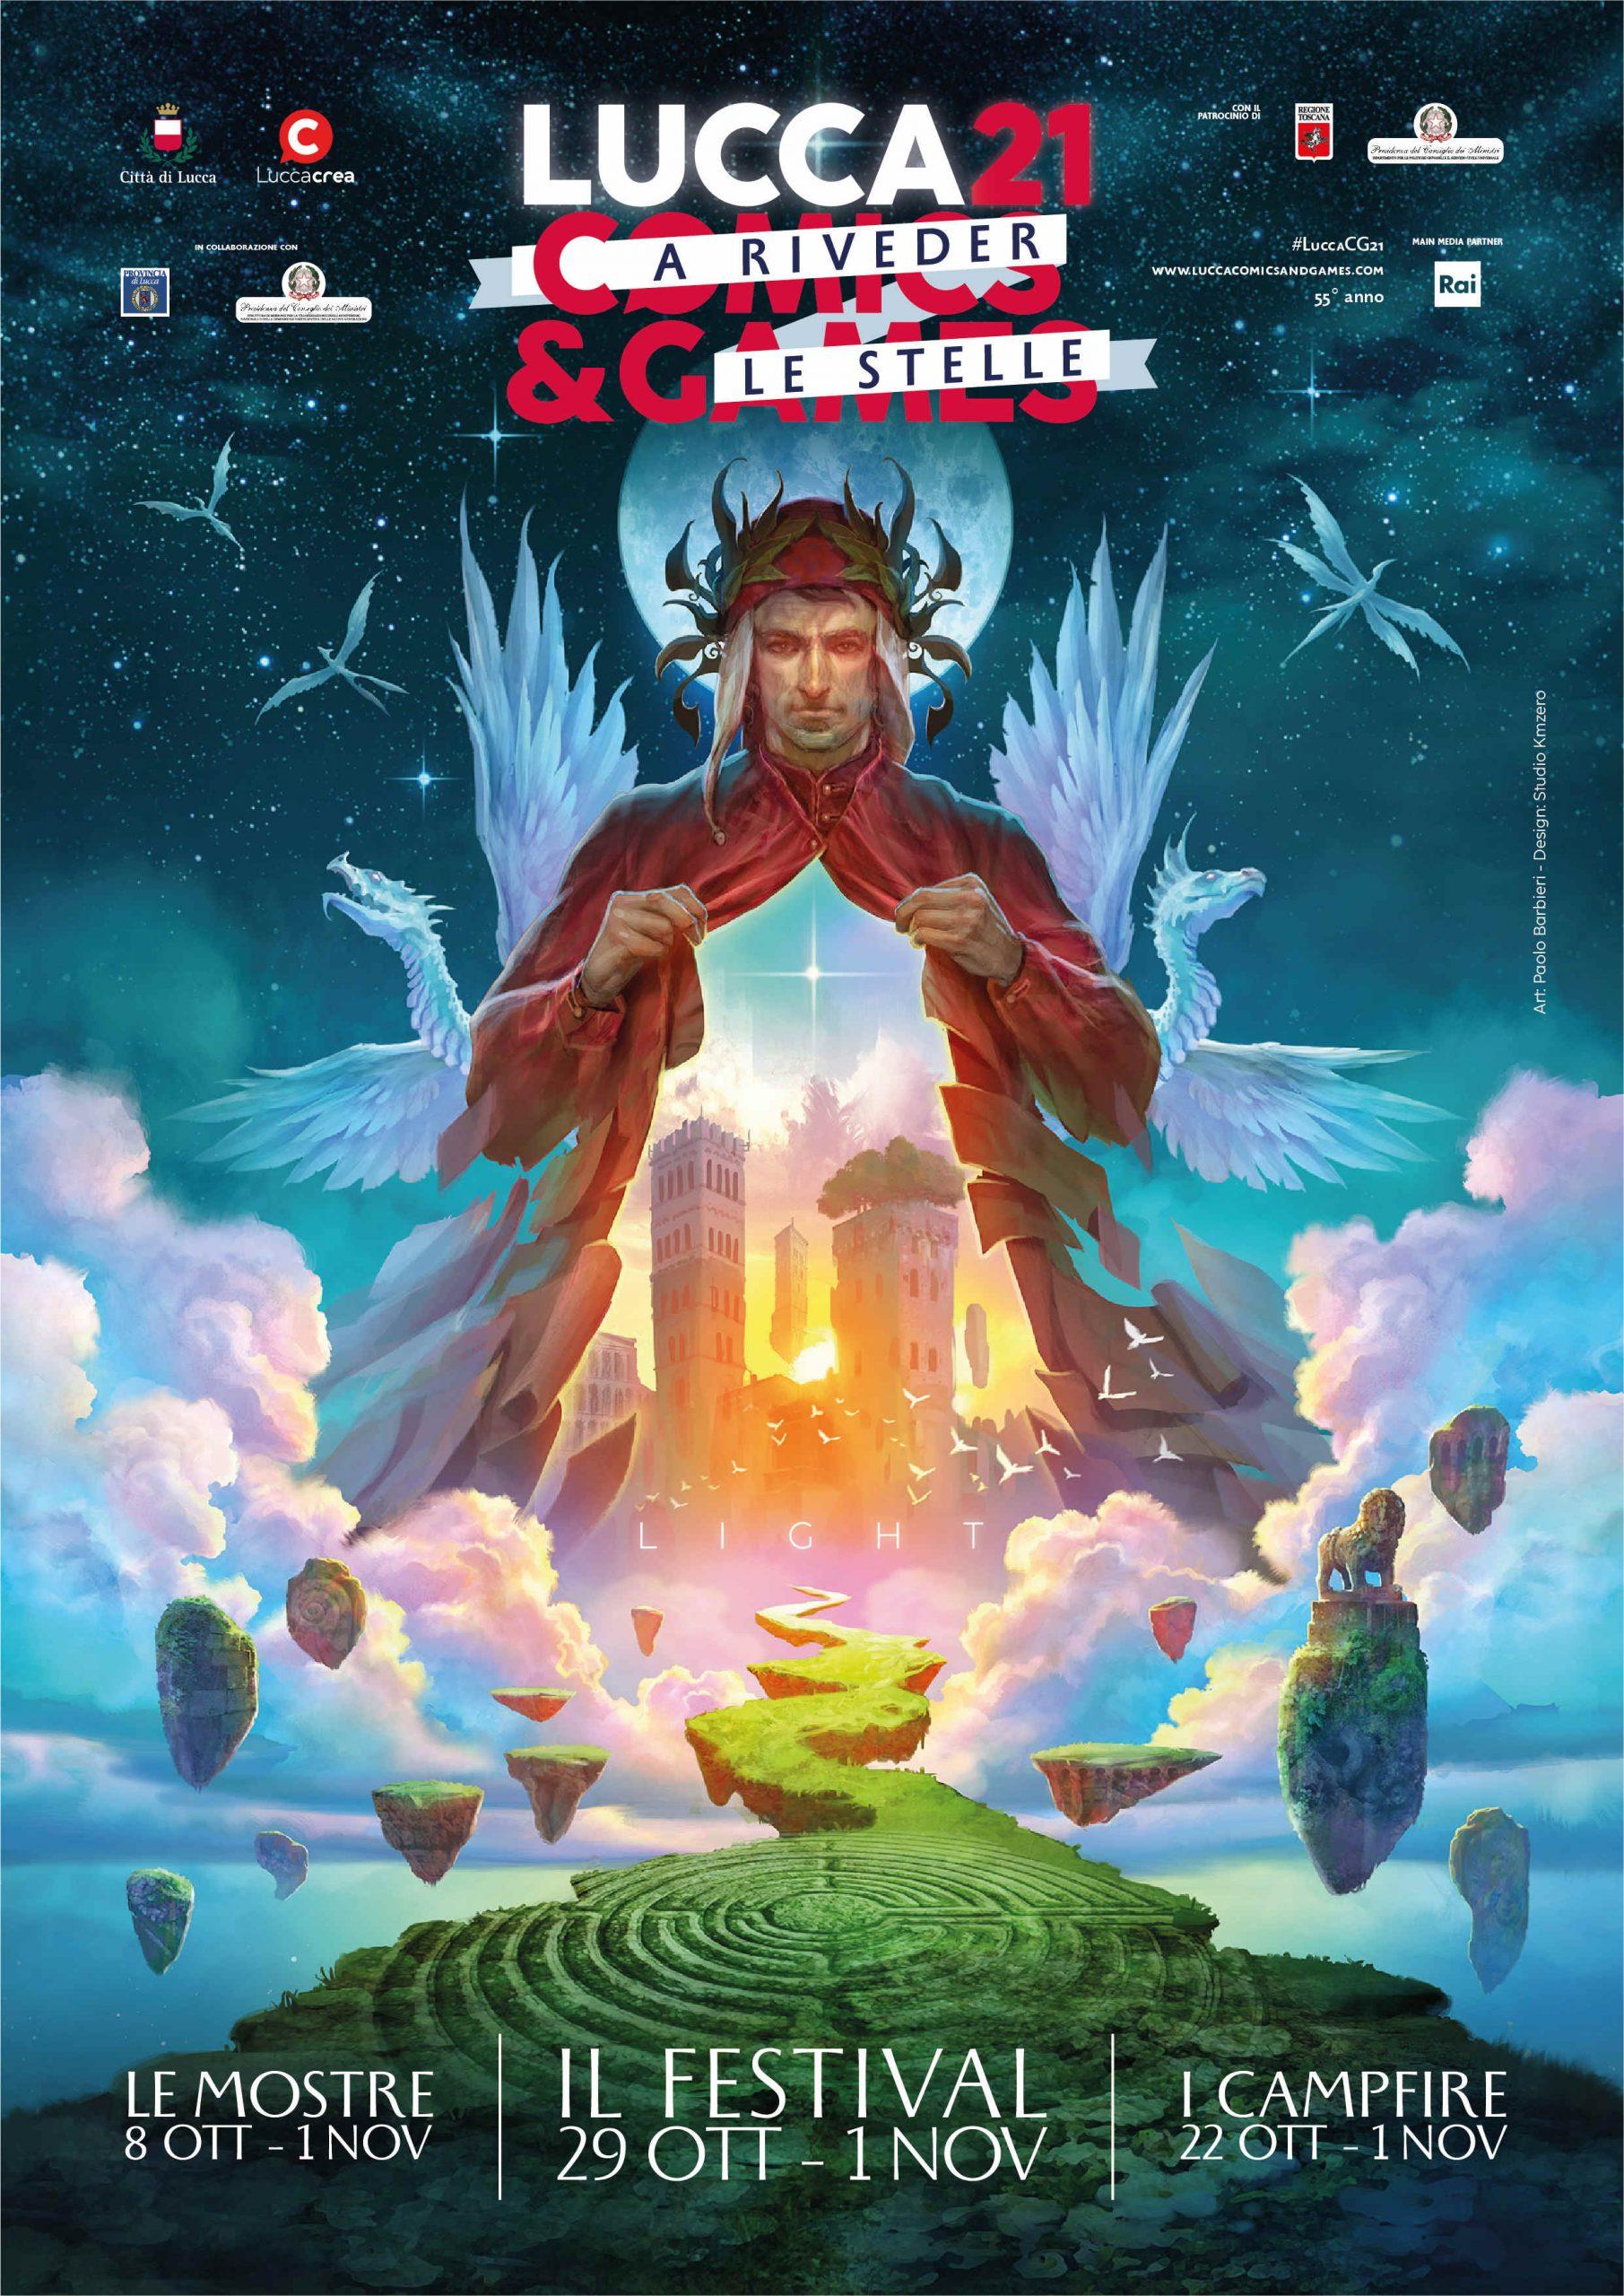 Il poster ufficiale di Lucca Comics & Games 2021 illustrato da Paolo Barbieri